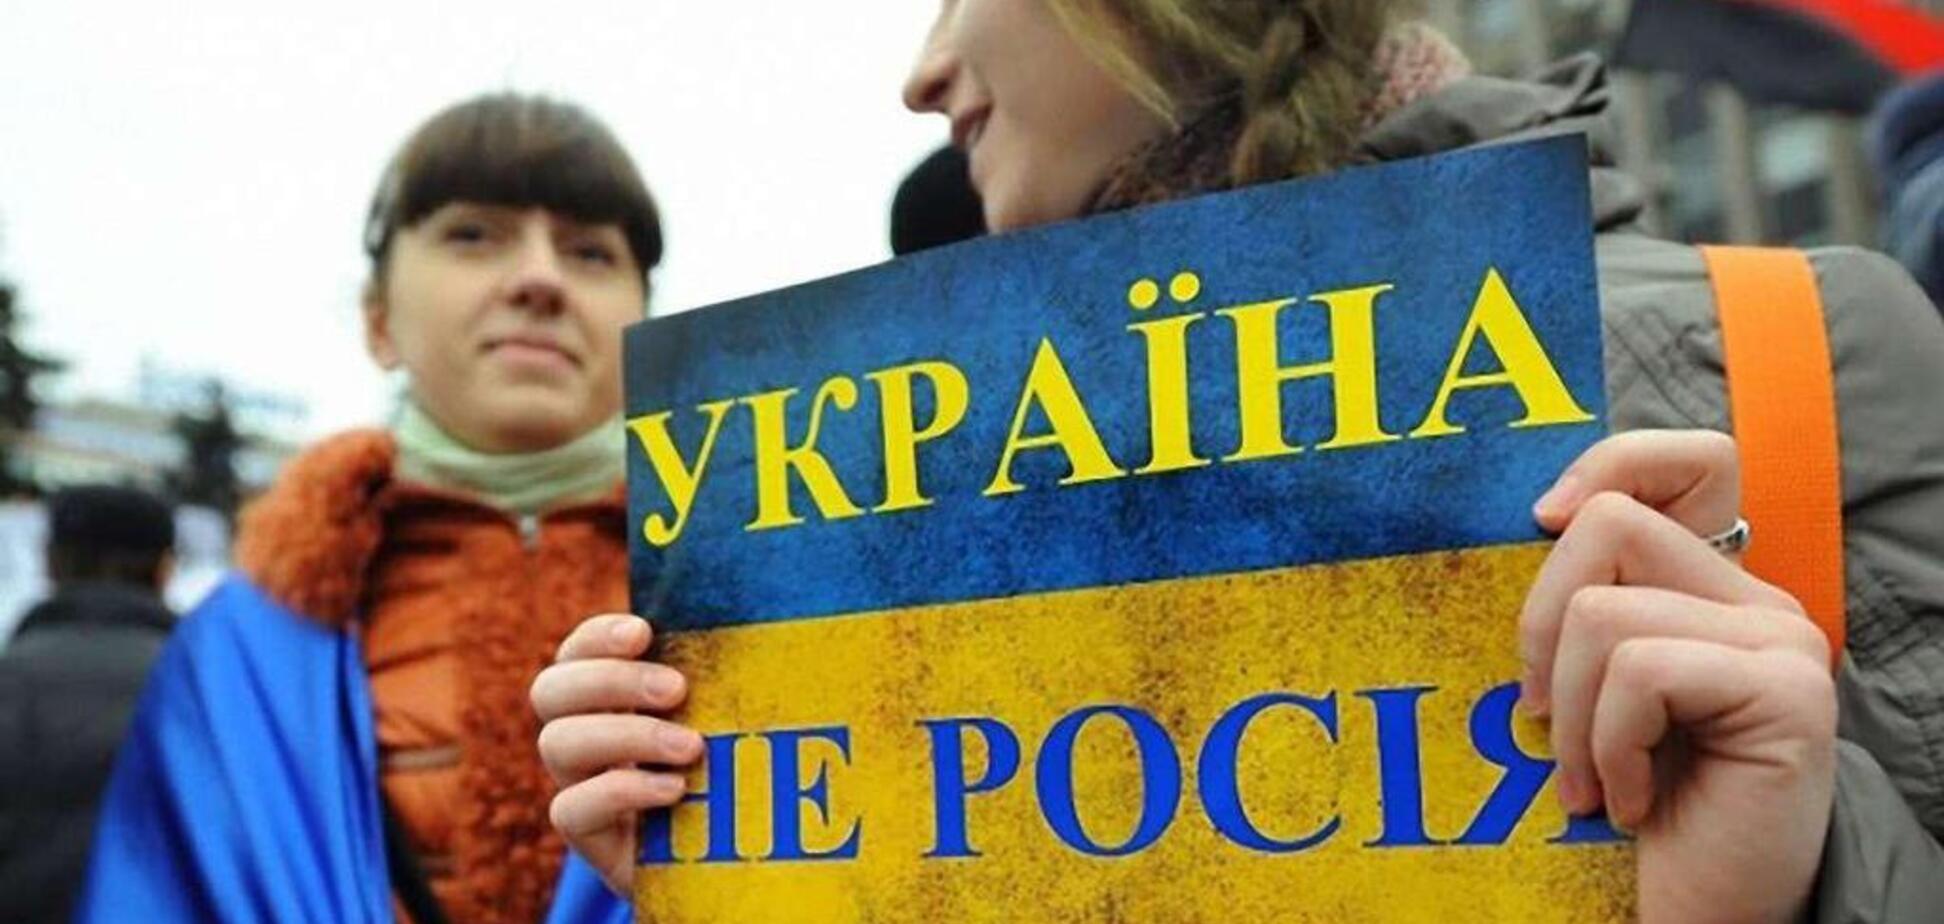 'Українці й росіяни – одне й те ж': у школі Парижа спалахнув скандал